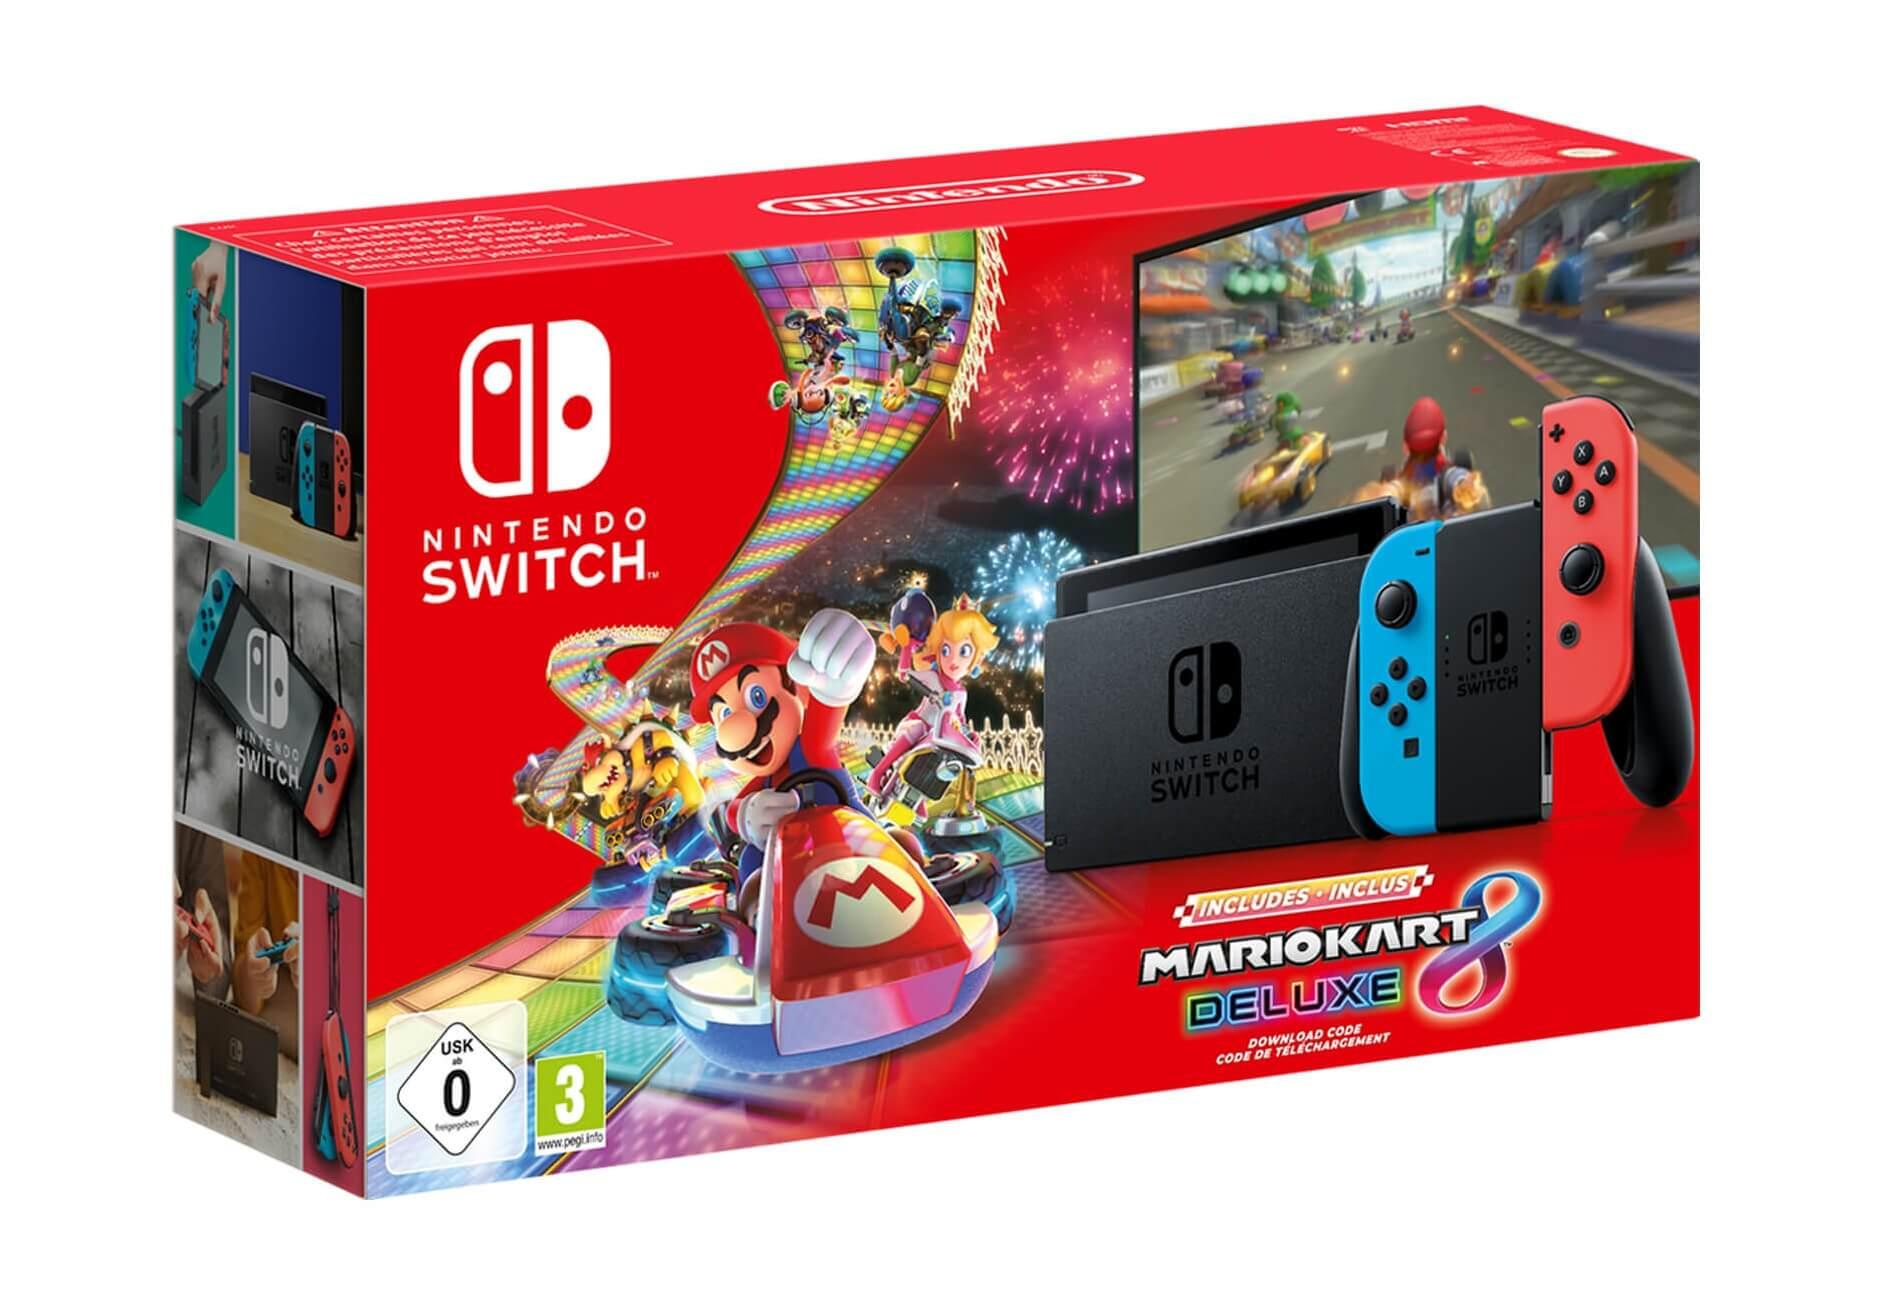 New Nintendo Switch Neon Red Mario Kart 8 Deluxe Bundle